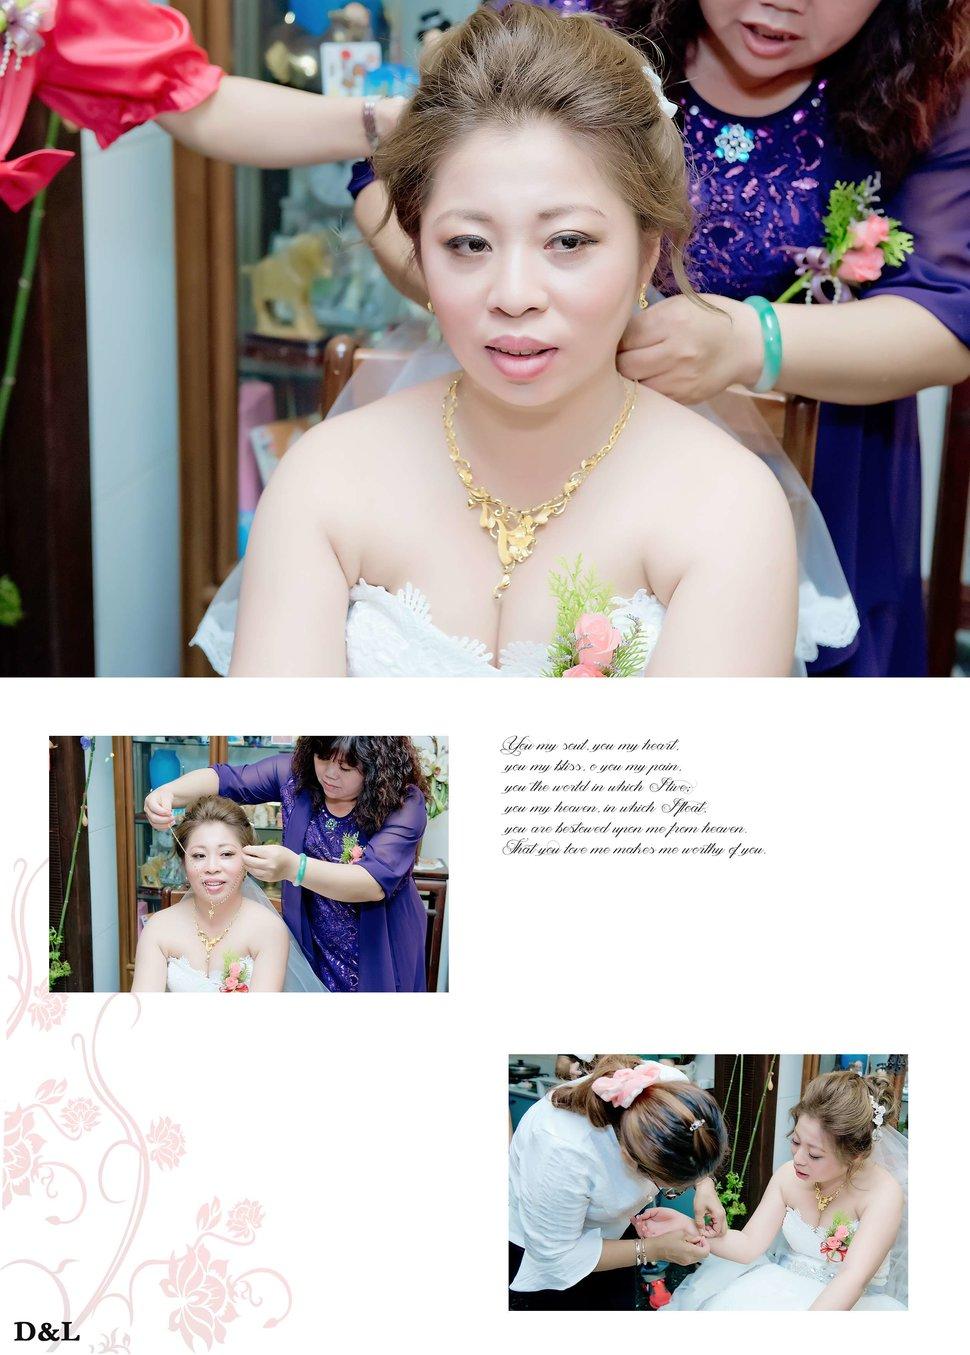 雲林婚攝 婚禮紀錄 敬添&綉芬 喜洋洋宴會廳雲林(編號:253230) - D&L 婚禮事務-婚紗攝影/婚禮記錄 - 結婚吧